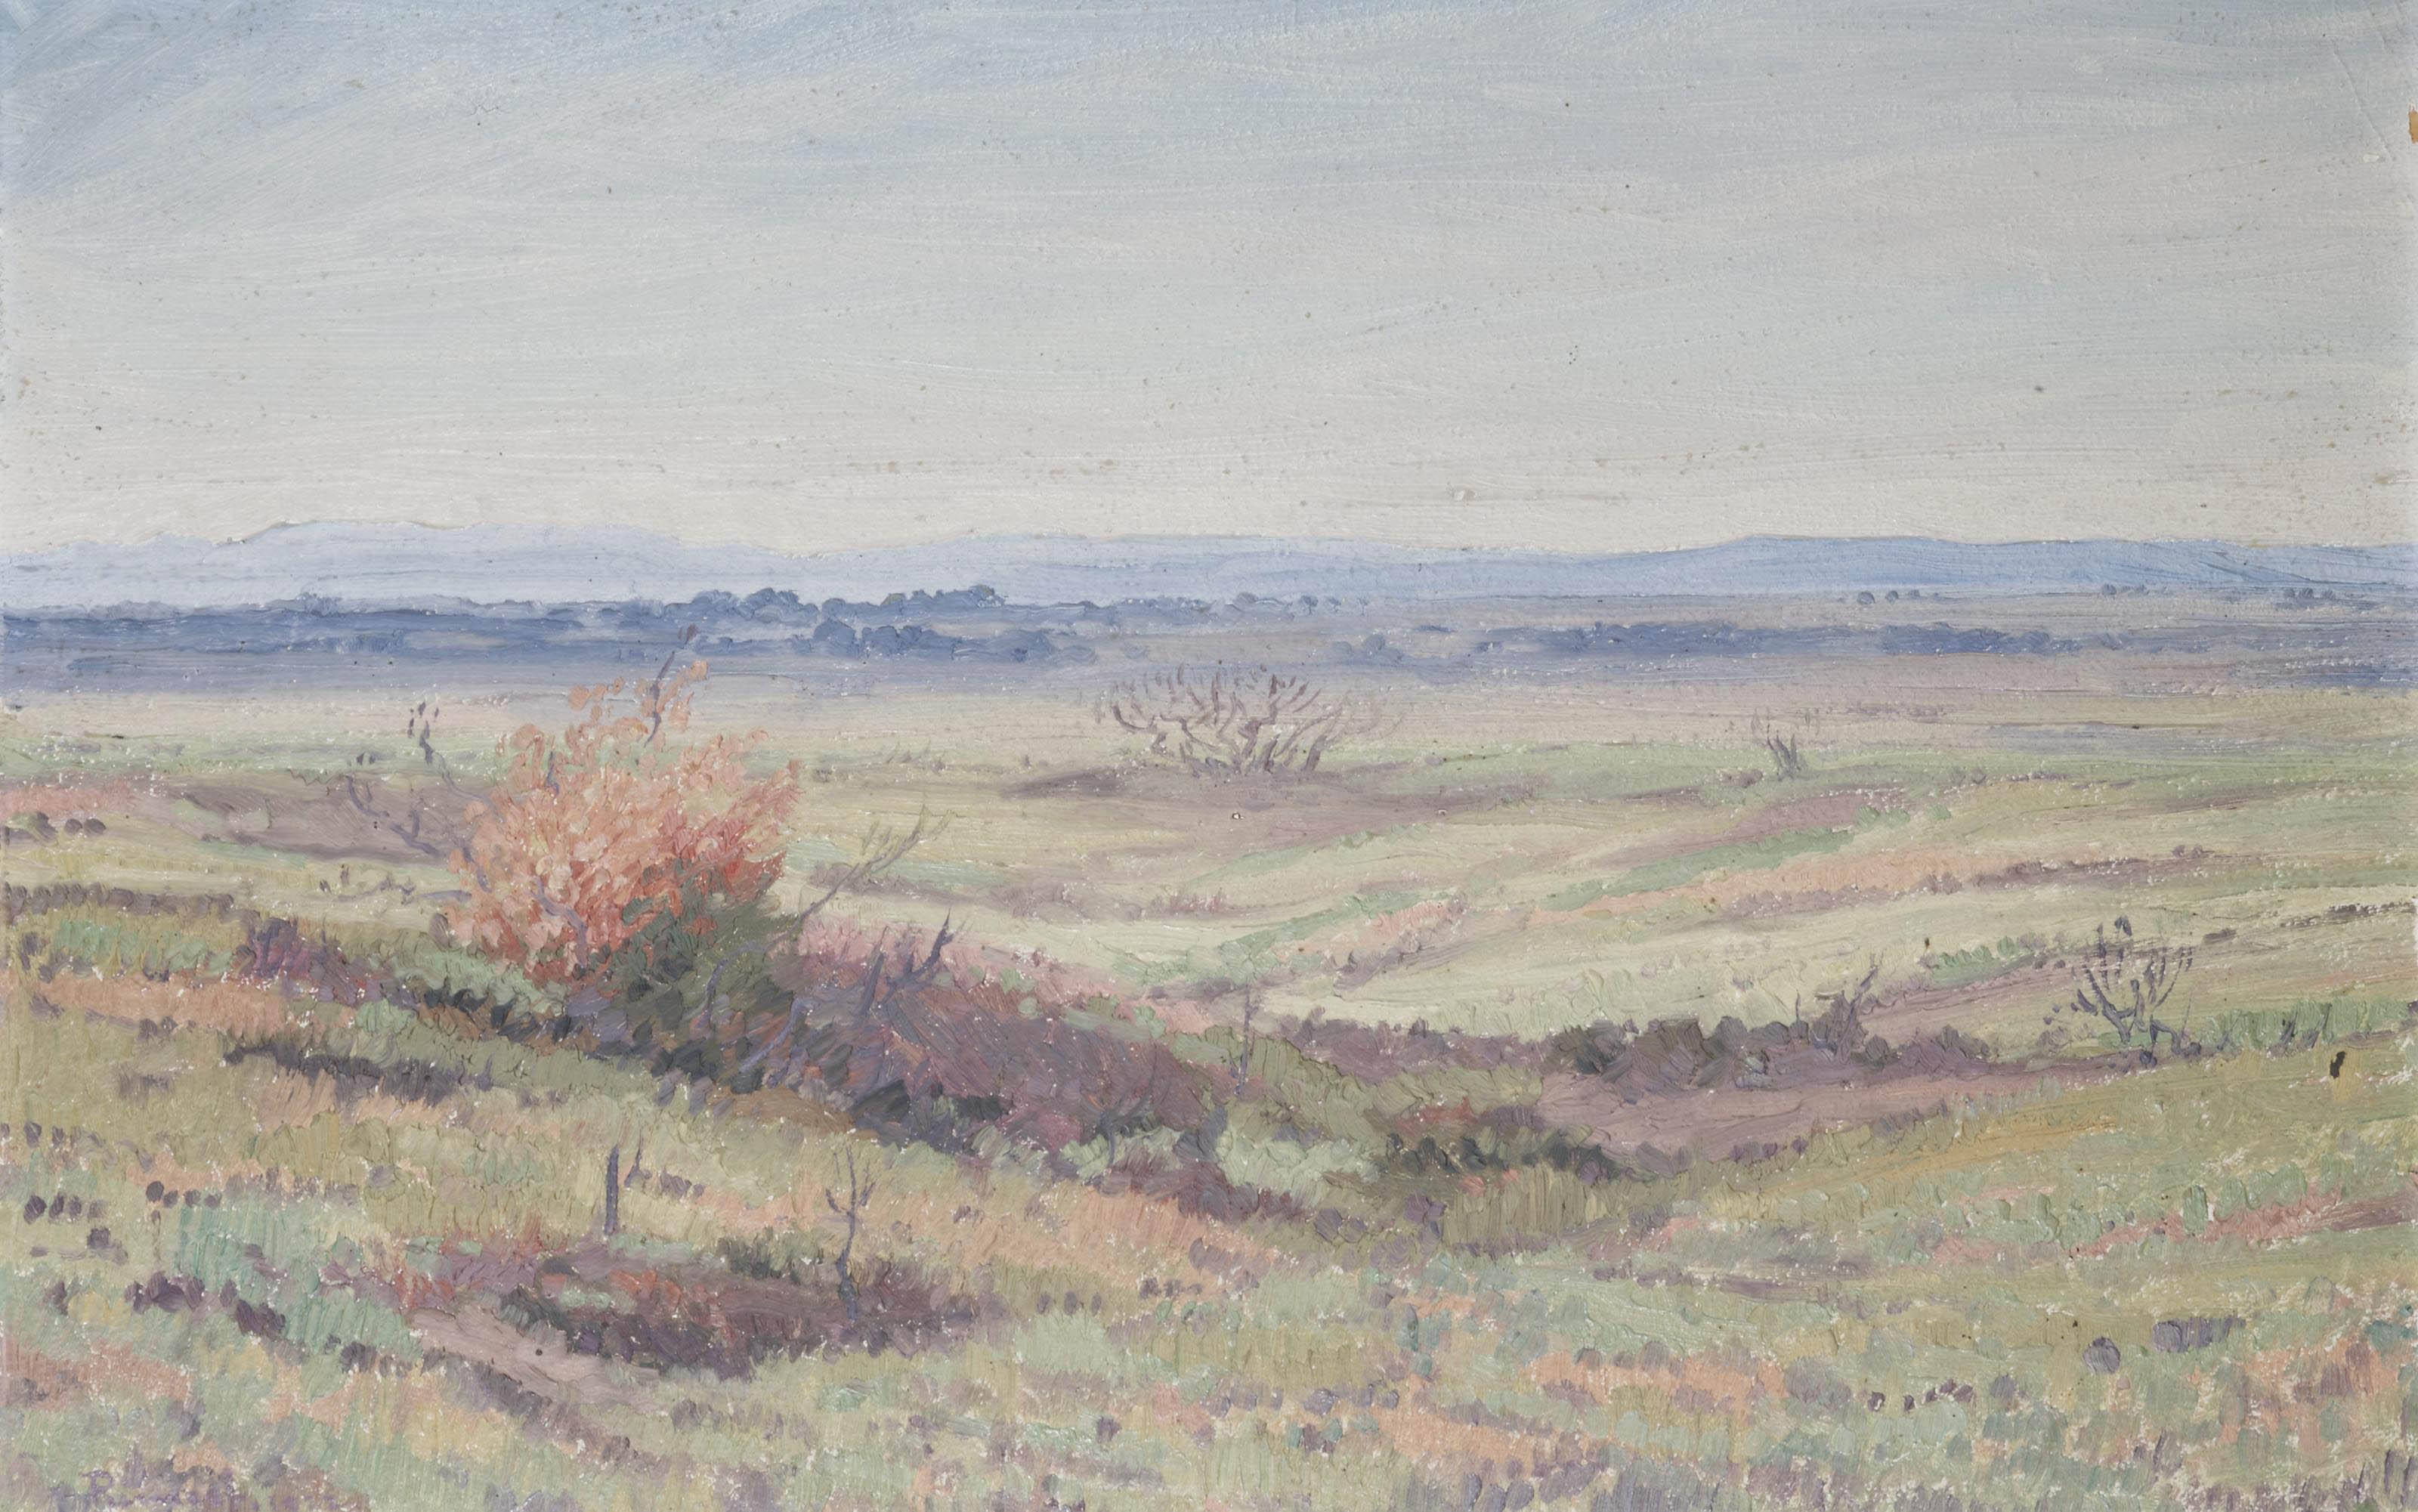 Springbokvlakte der Waterborg Transvaal, Voorjaar; spring in Transvaal, South Africa